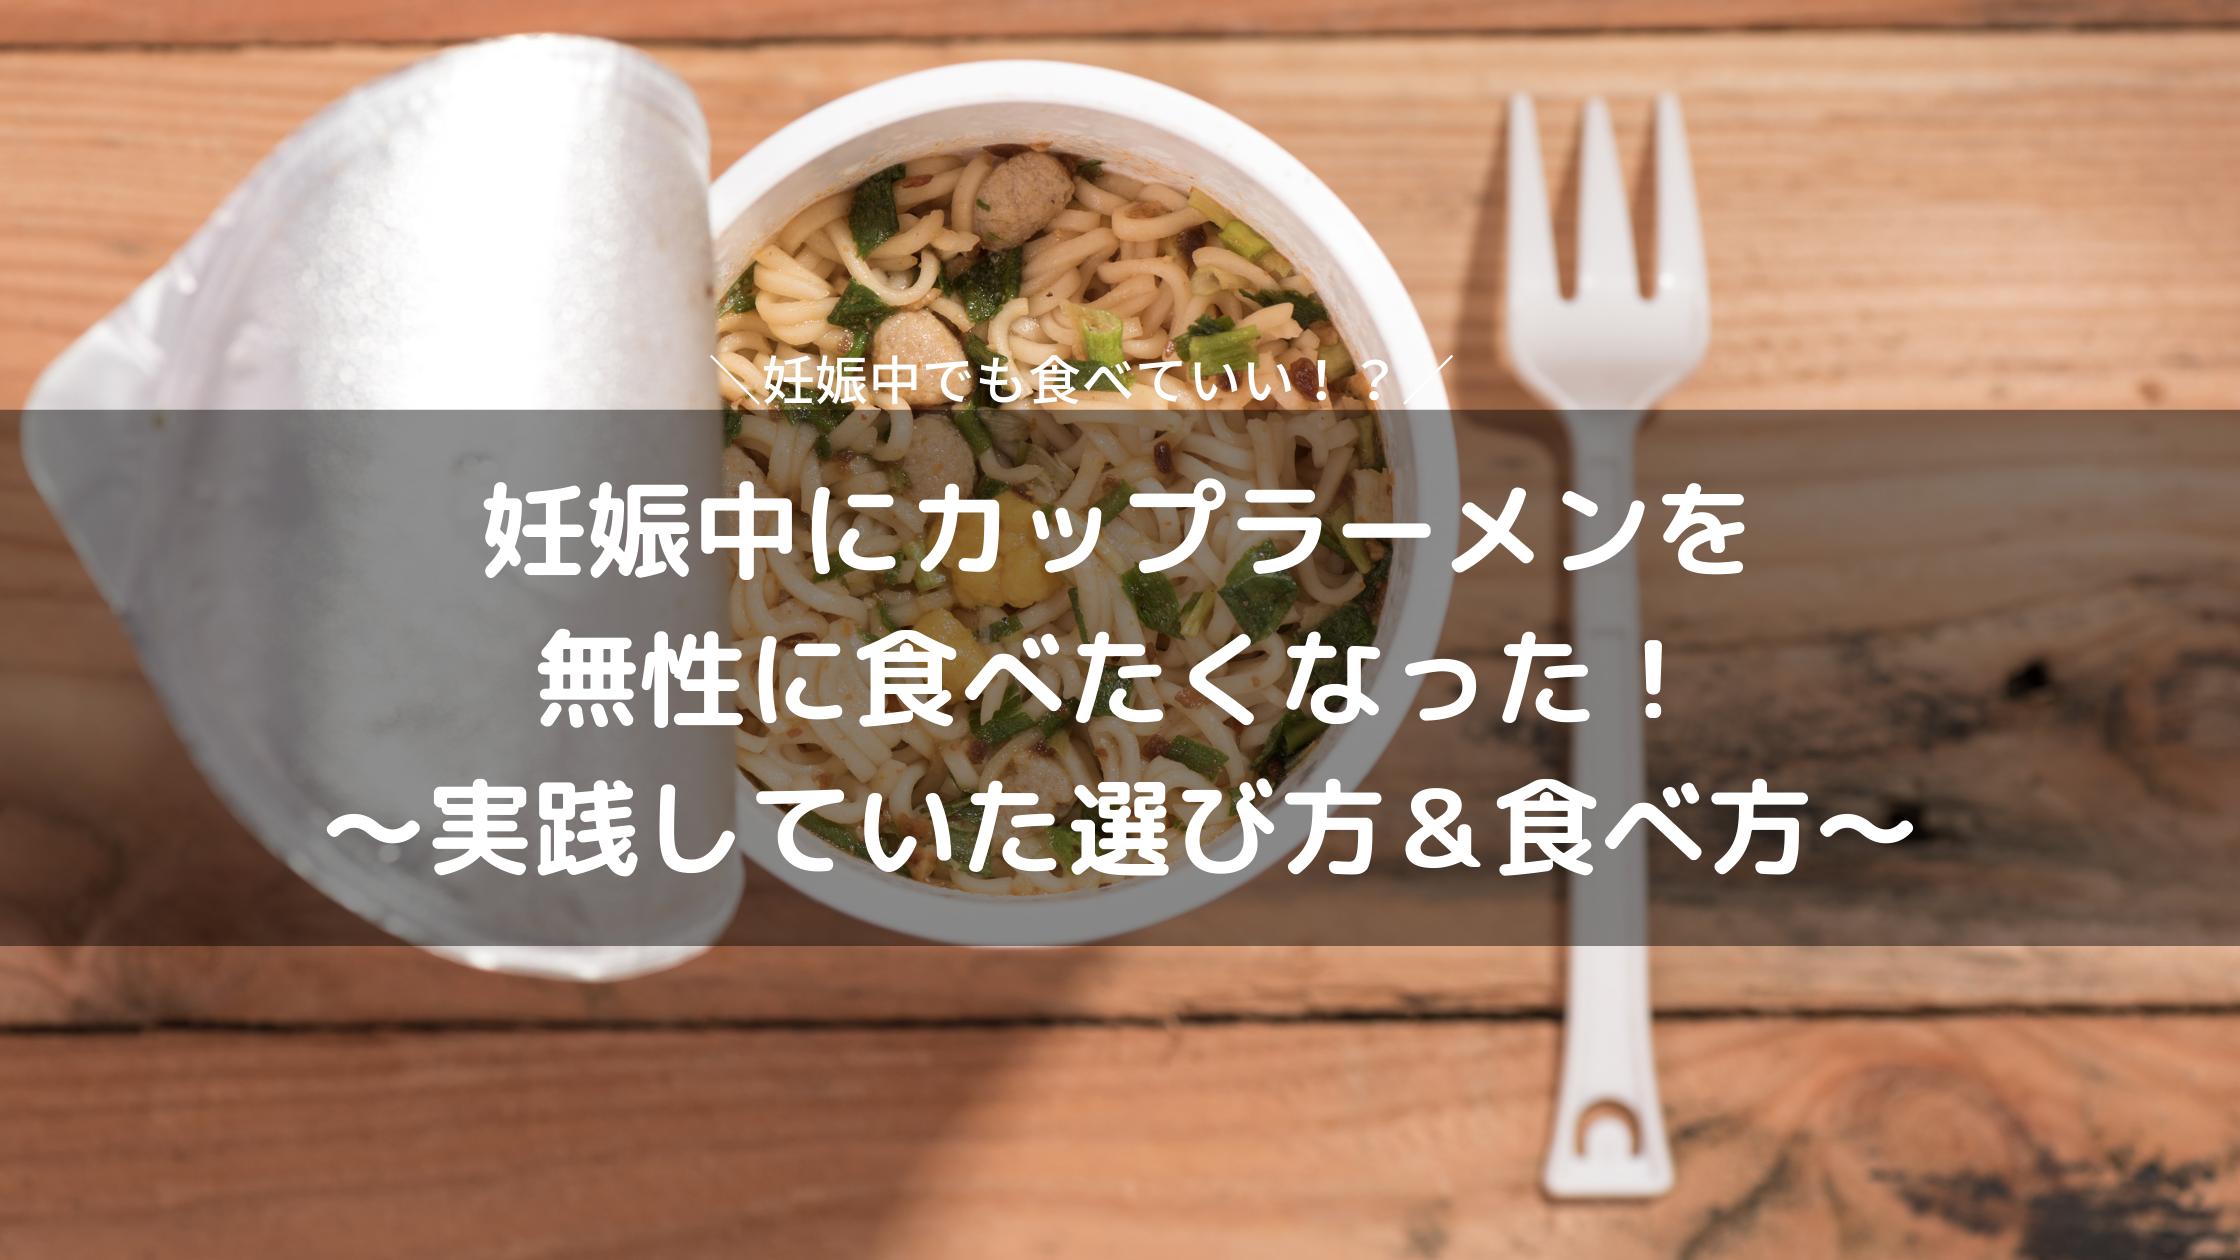 妊娠中カップラーメンが猛烈に食べたい!苦悩の末選んだインスタント麺&食べ方